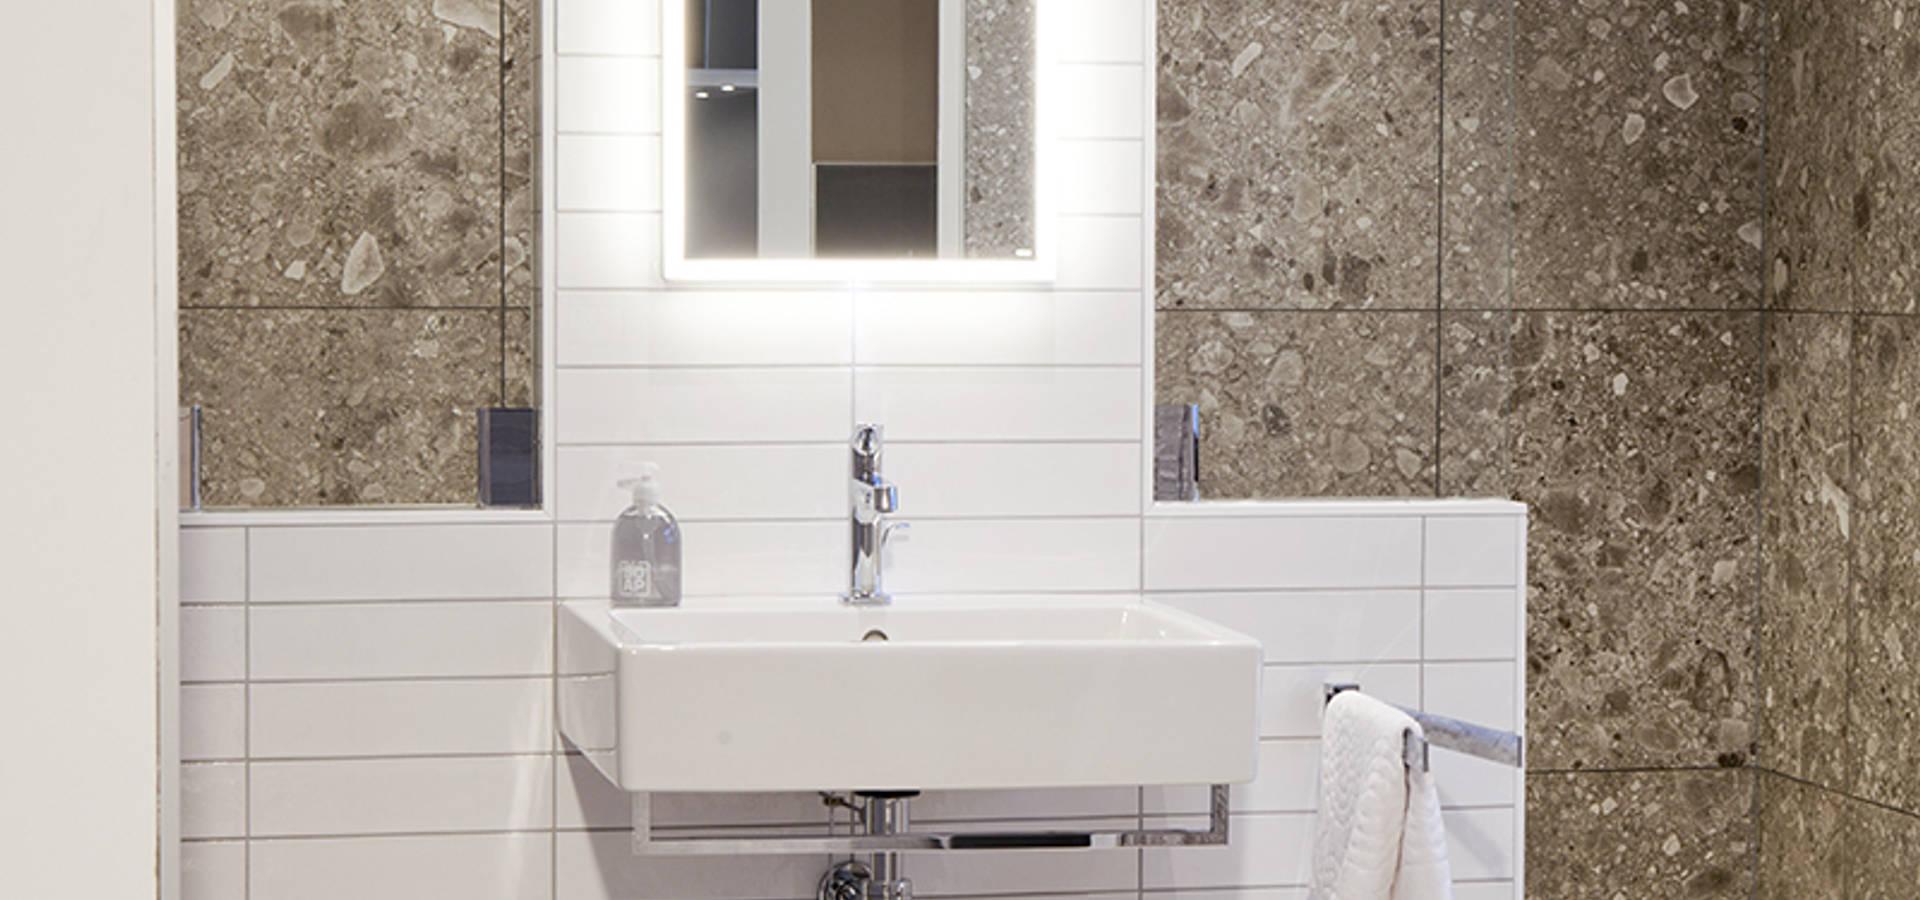 Van Wanrooij keuken, badkamer & tegel warenhuys